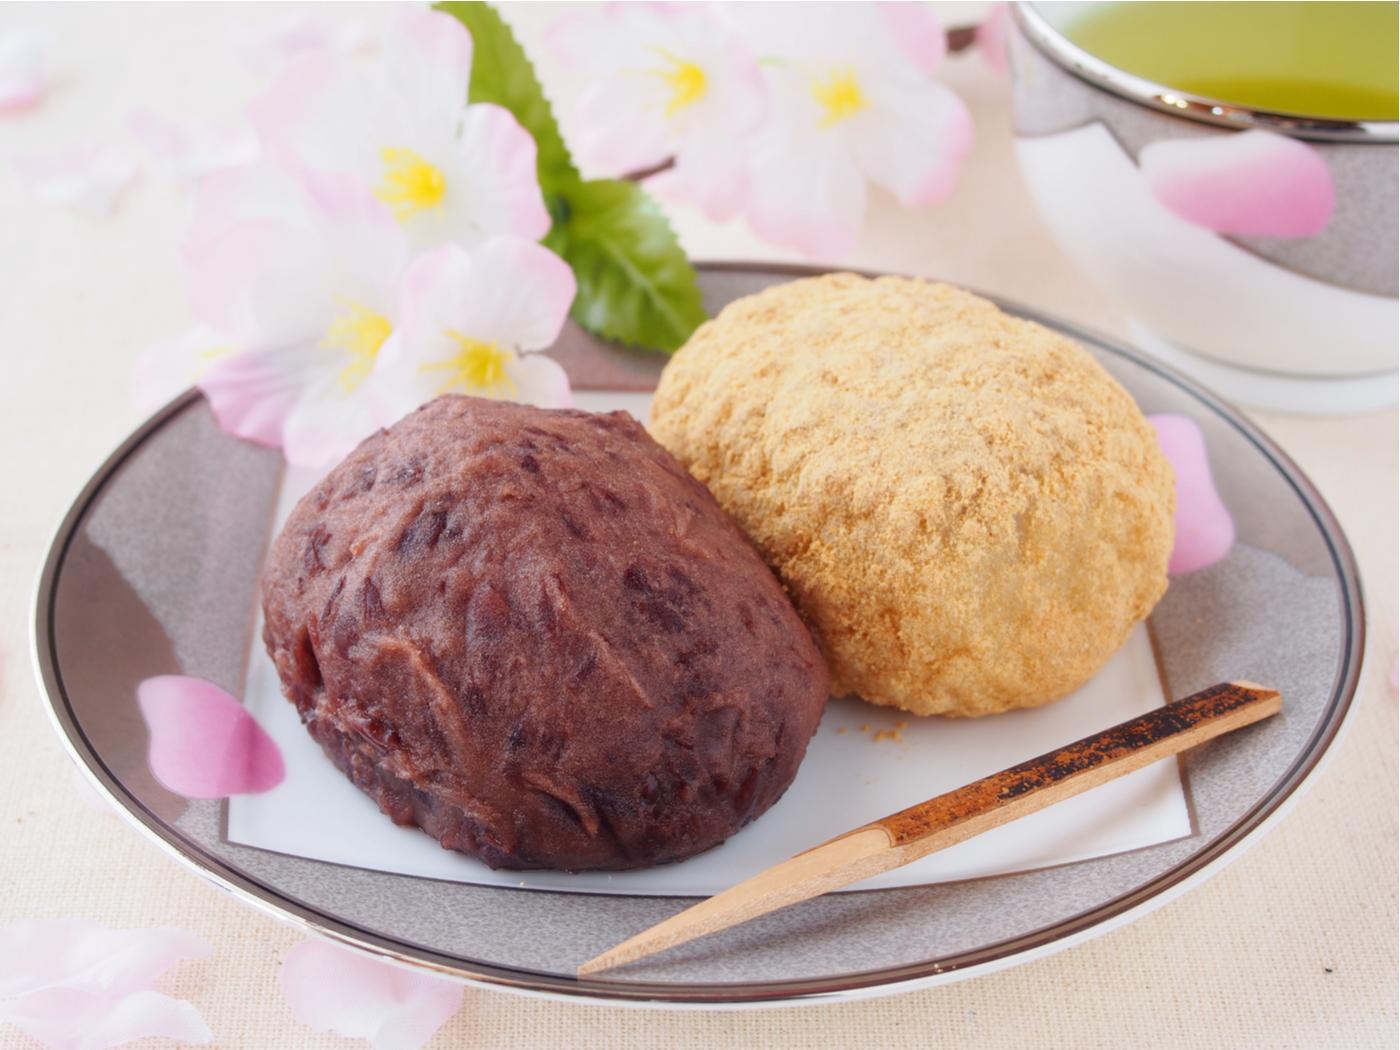 春分の日」の食べ物といえば、おはぎ?それともぼた餅?|@DIME アット ...